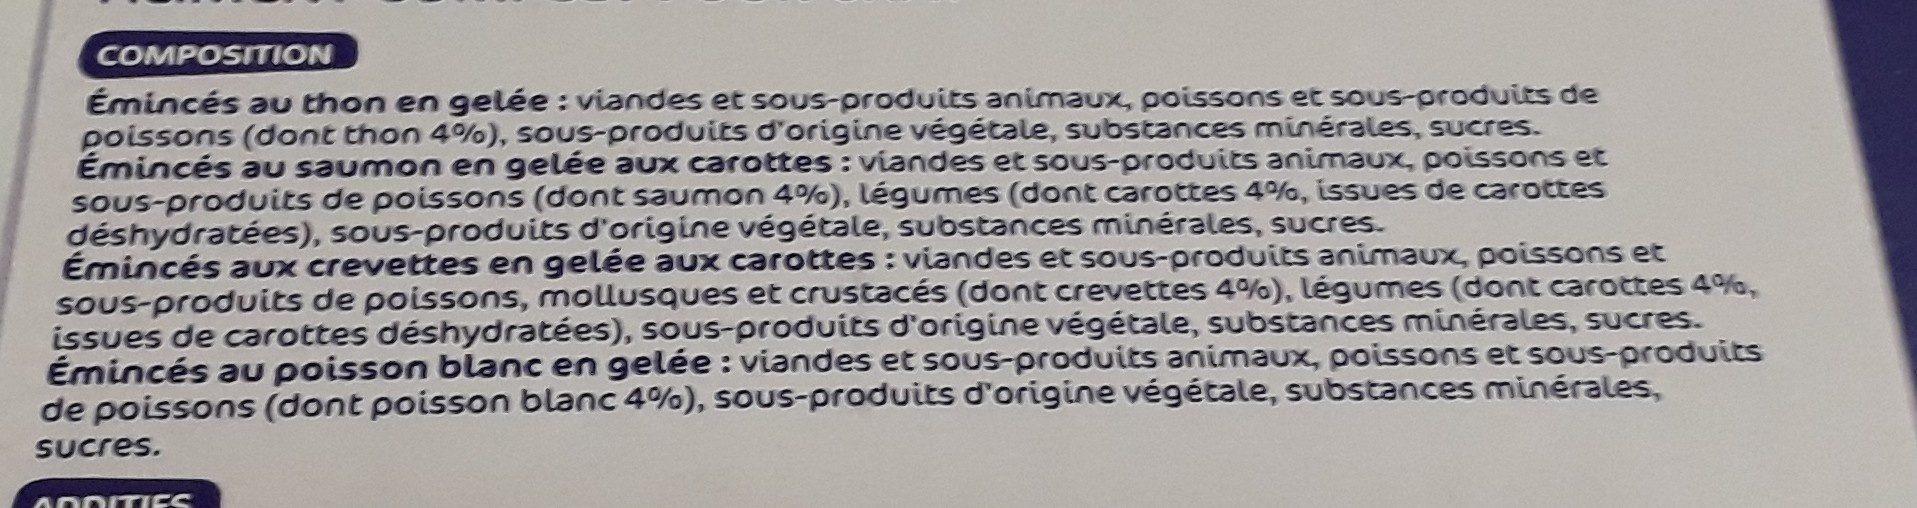 Sachet fraicheur gelée - Ingredients